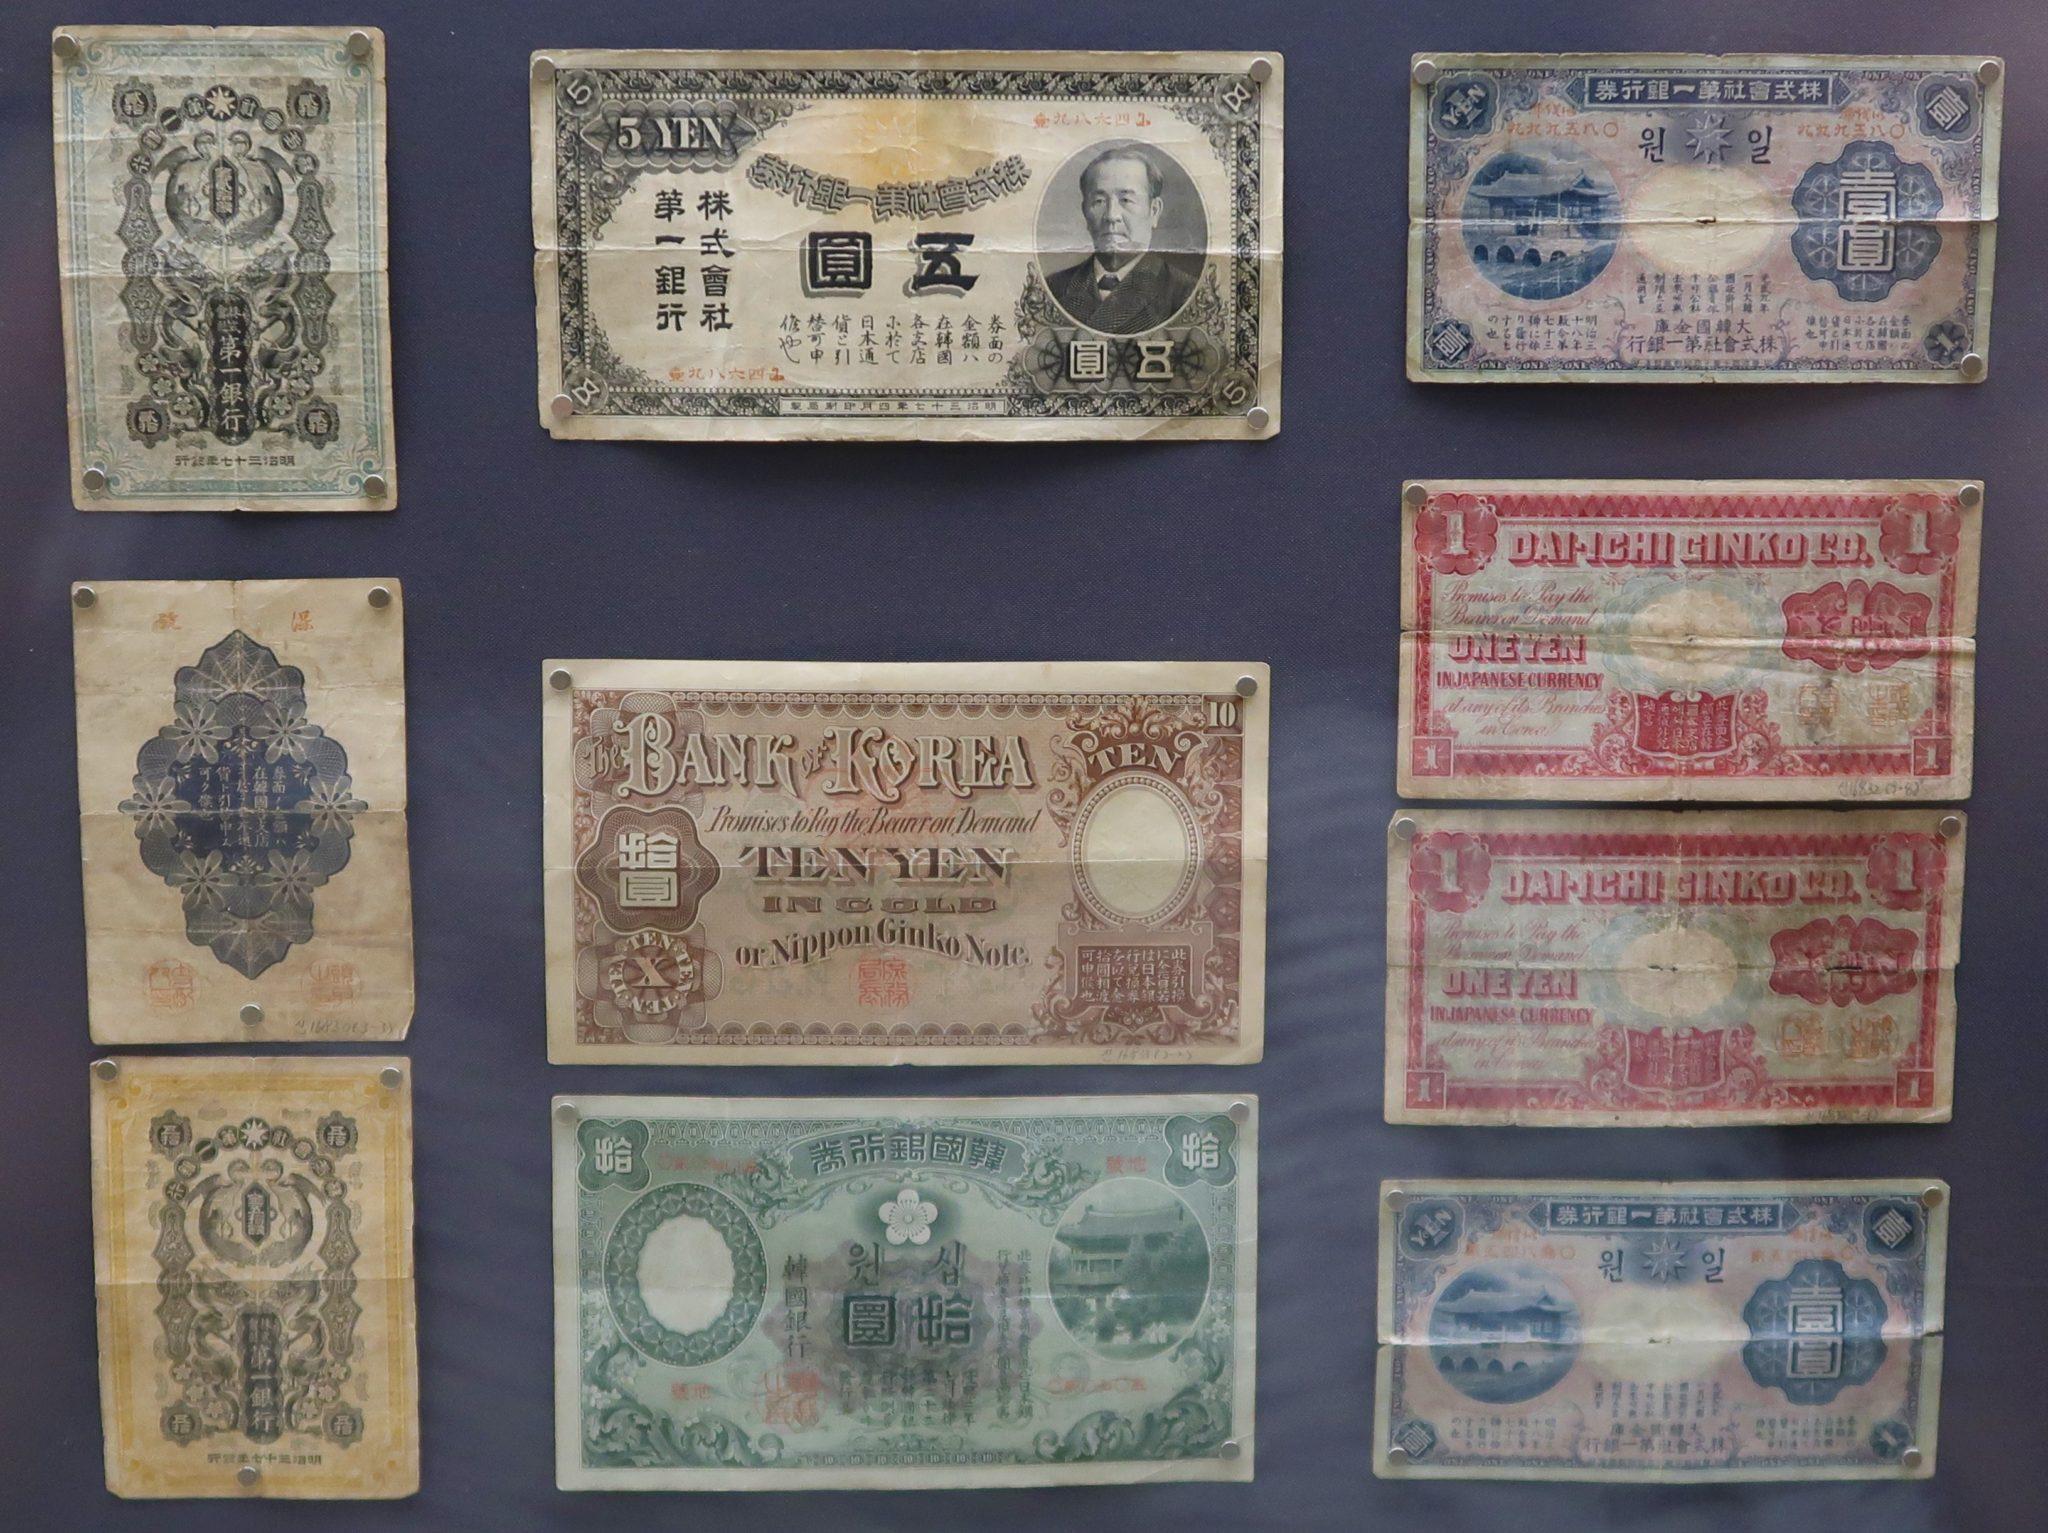 anciens billets de banque coréens